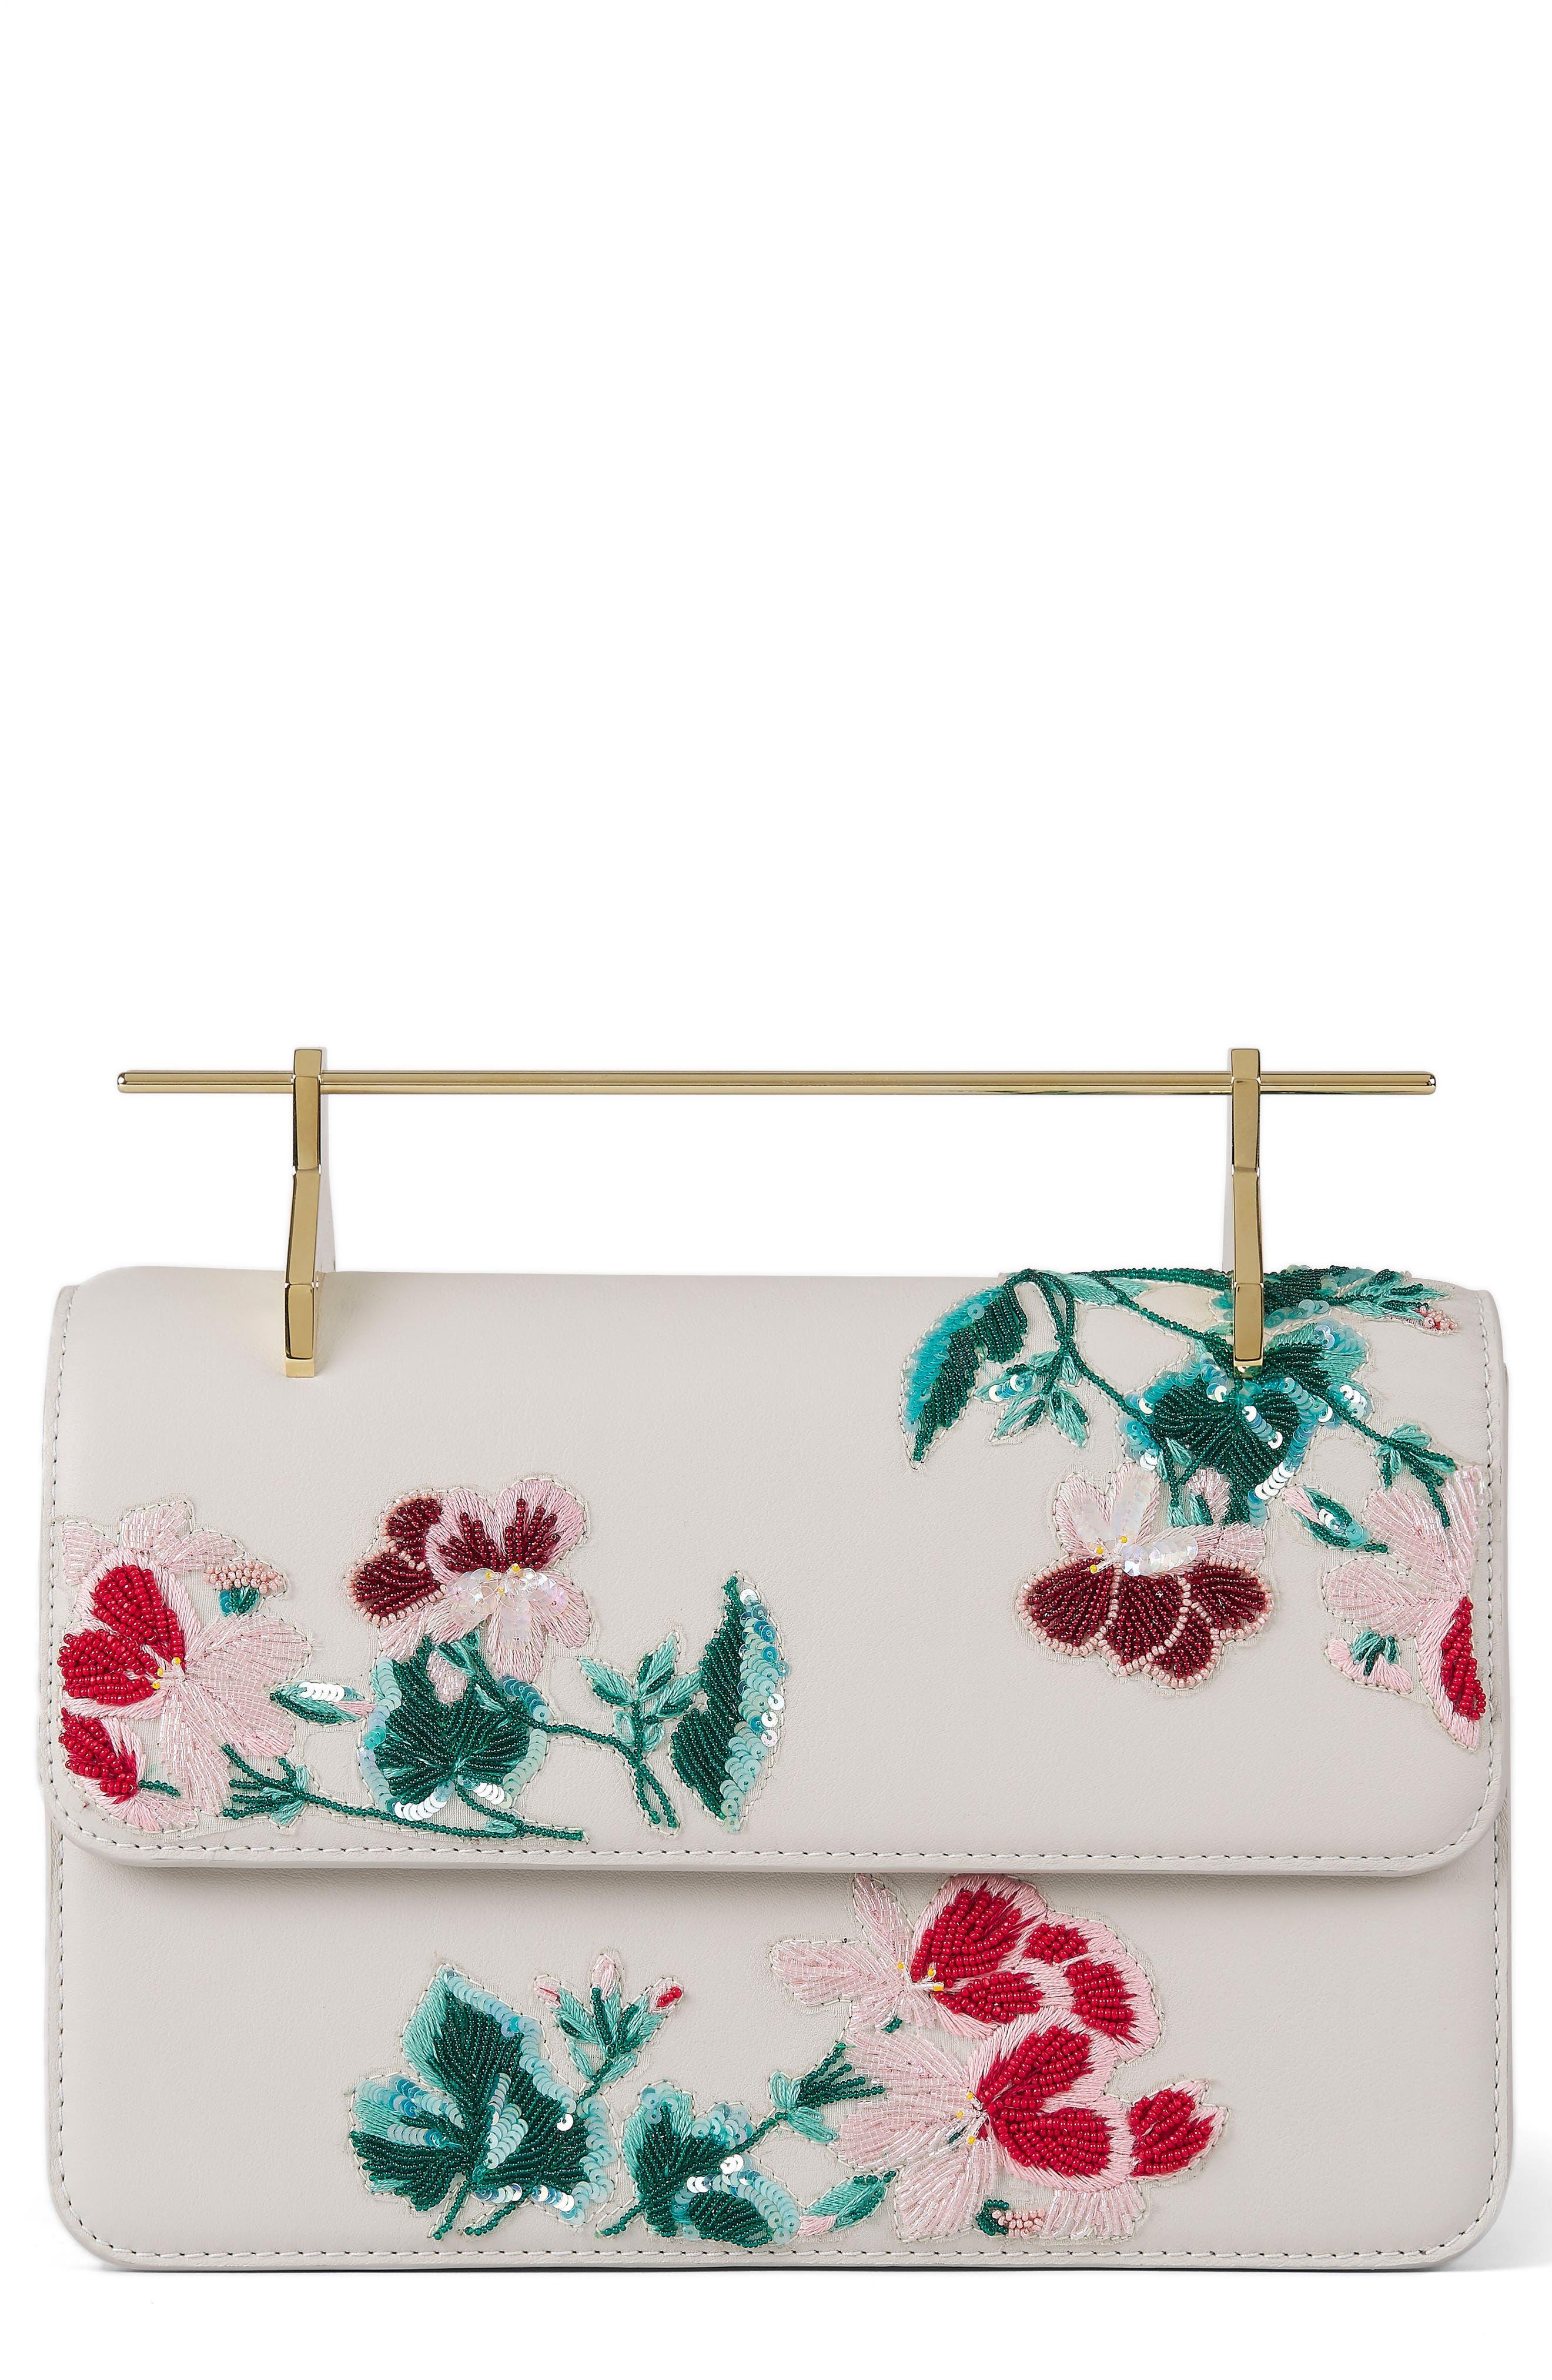 La Fleur du Mal Embellished Calfskin Leather Shoulder Bag,                             Main thumbnail 1, color,